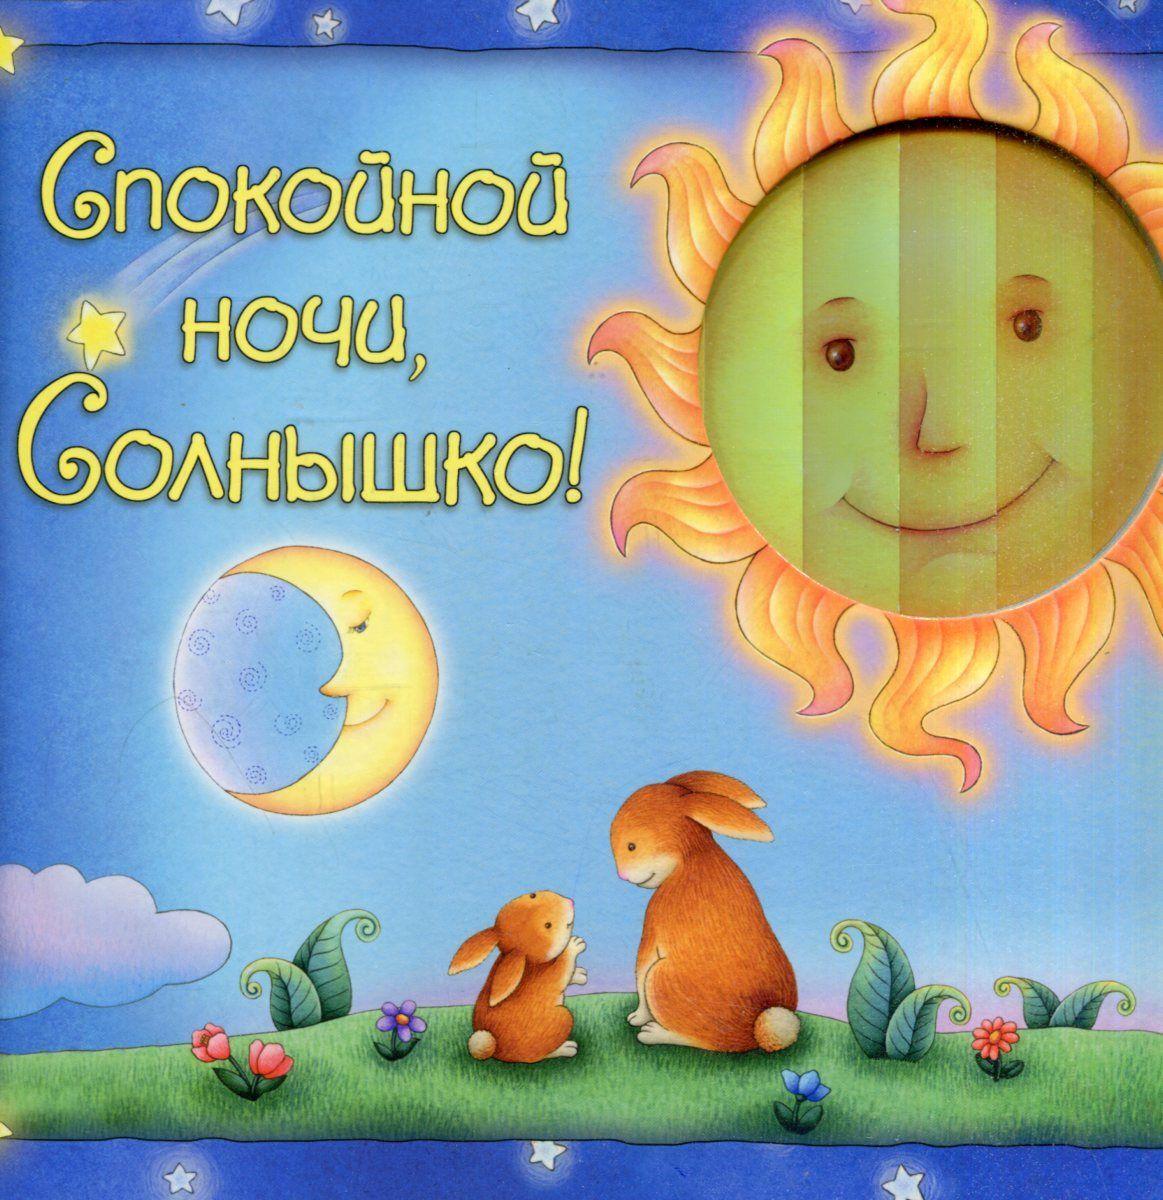 гиф картинки доброй ночи солнышко редких ценных